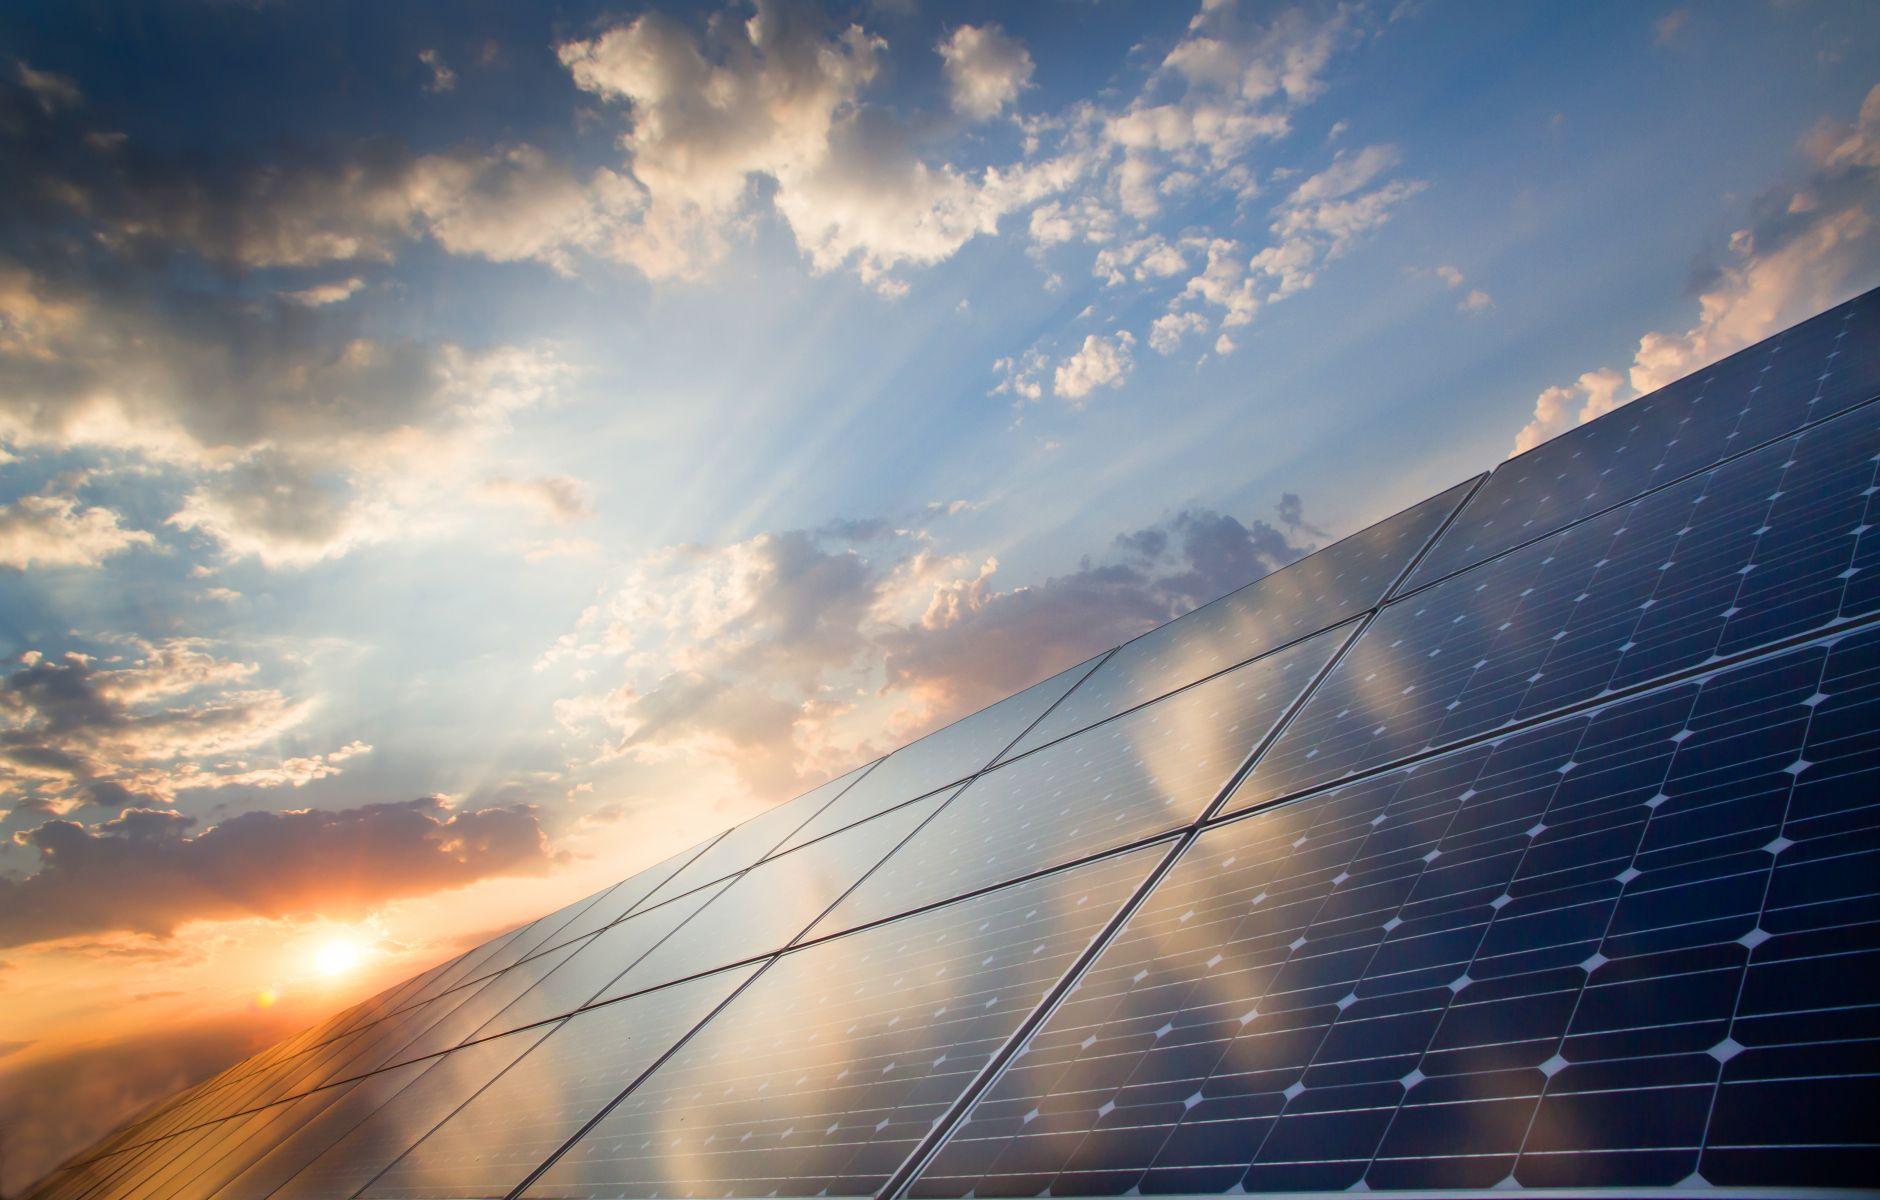 中國踩剎車 台灣太陽能產業該怎麼辦?